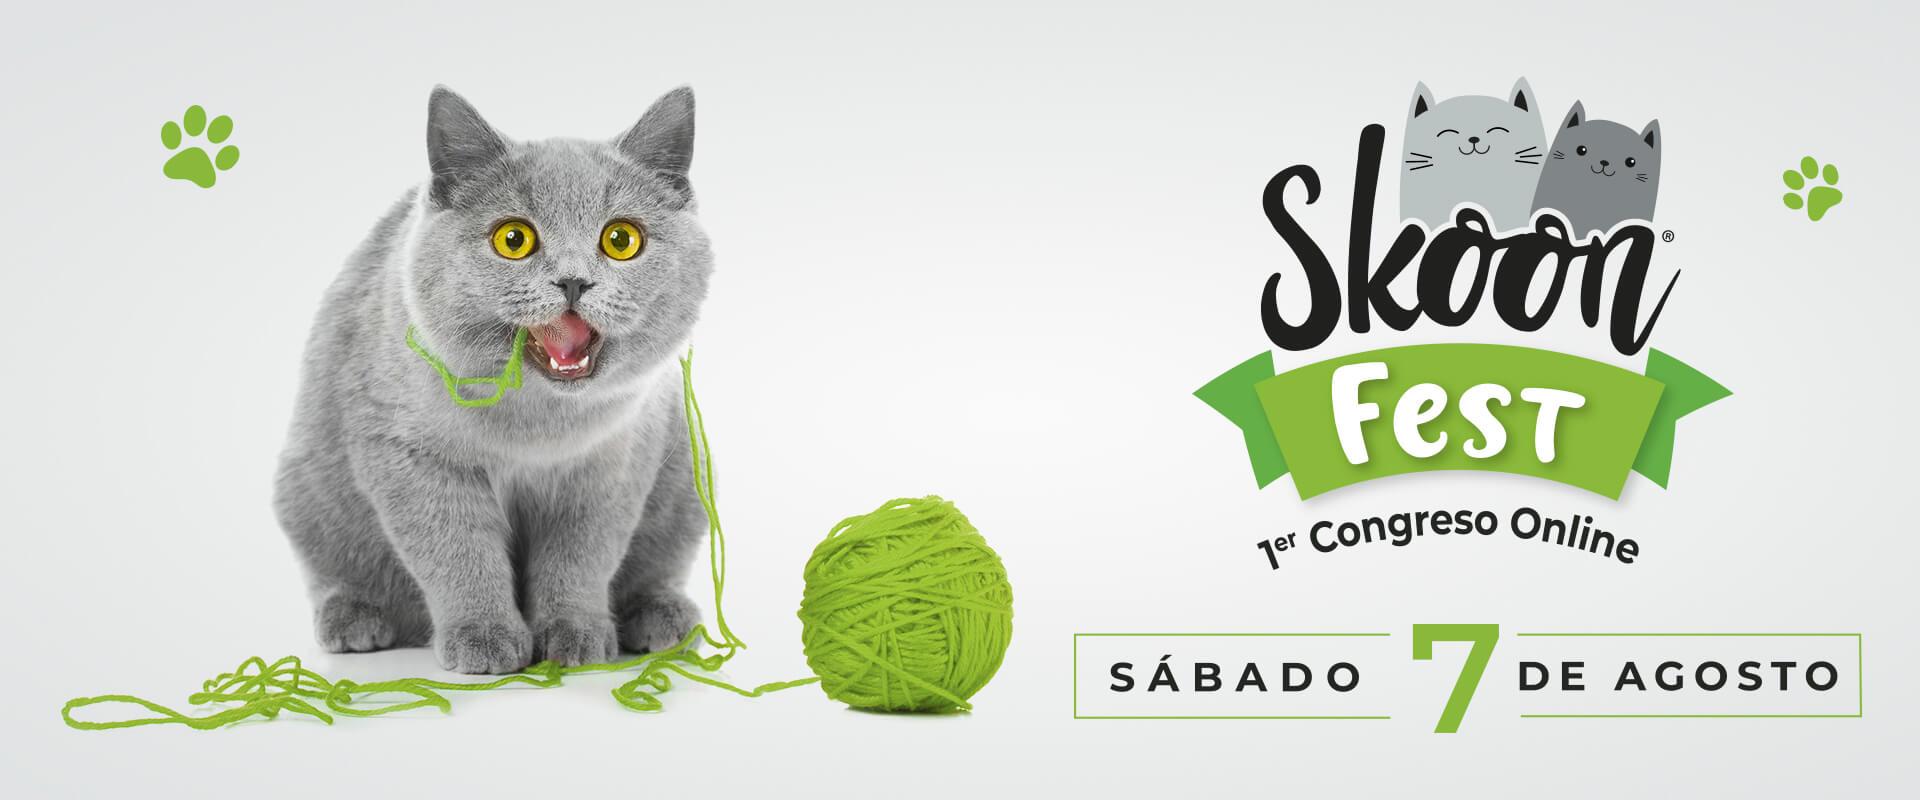 Skoon Fest congreso online